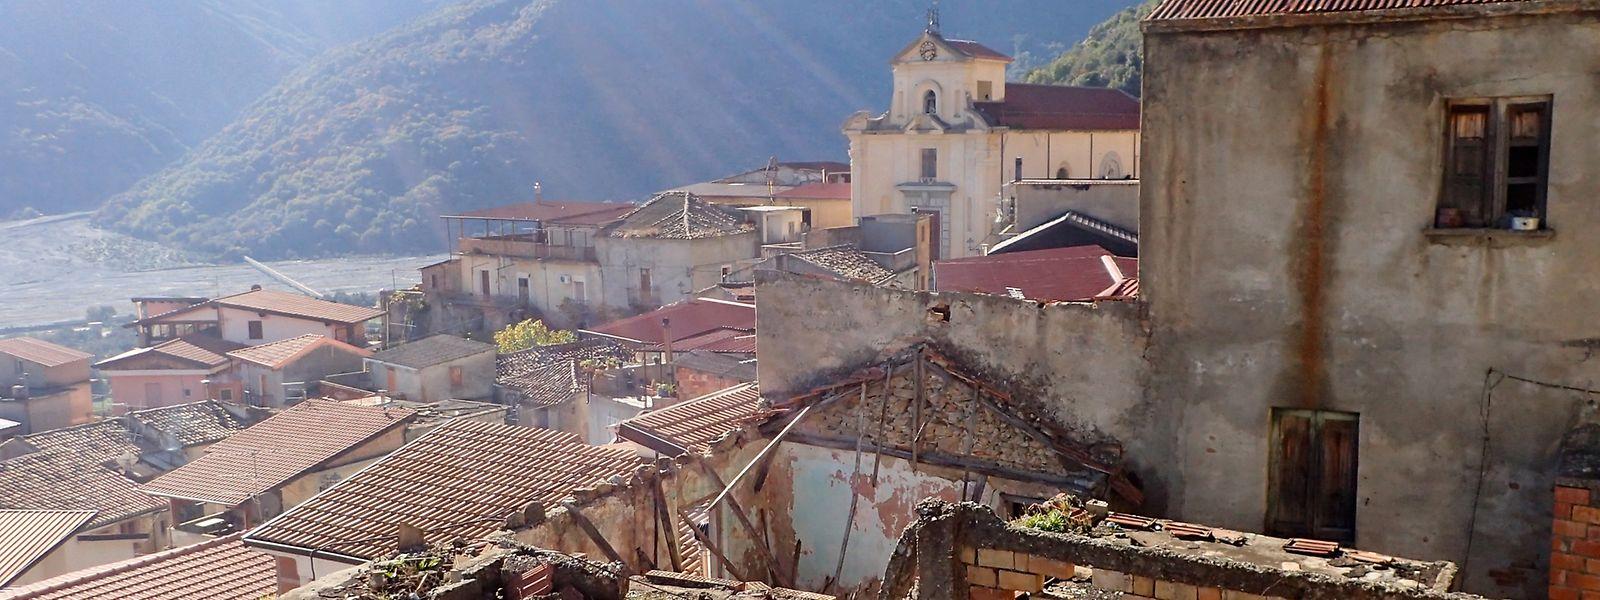 San Luca ist, zusammen mit der Camorra-Hochburg Casal del Principe bei Neapel, in der italienischen Wahrnehmung das Mafia-Kaff schlechthin.